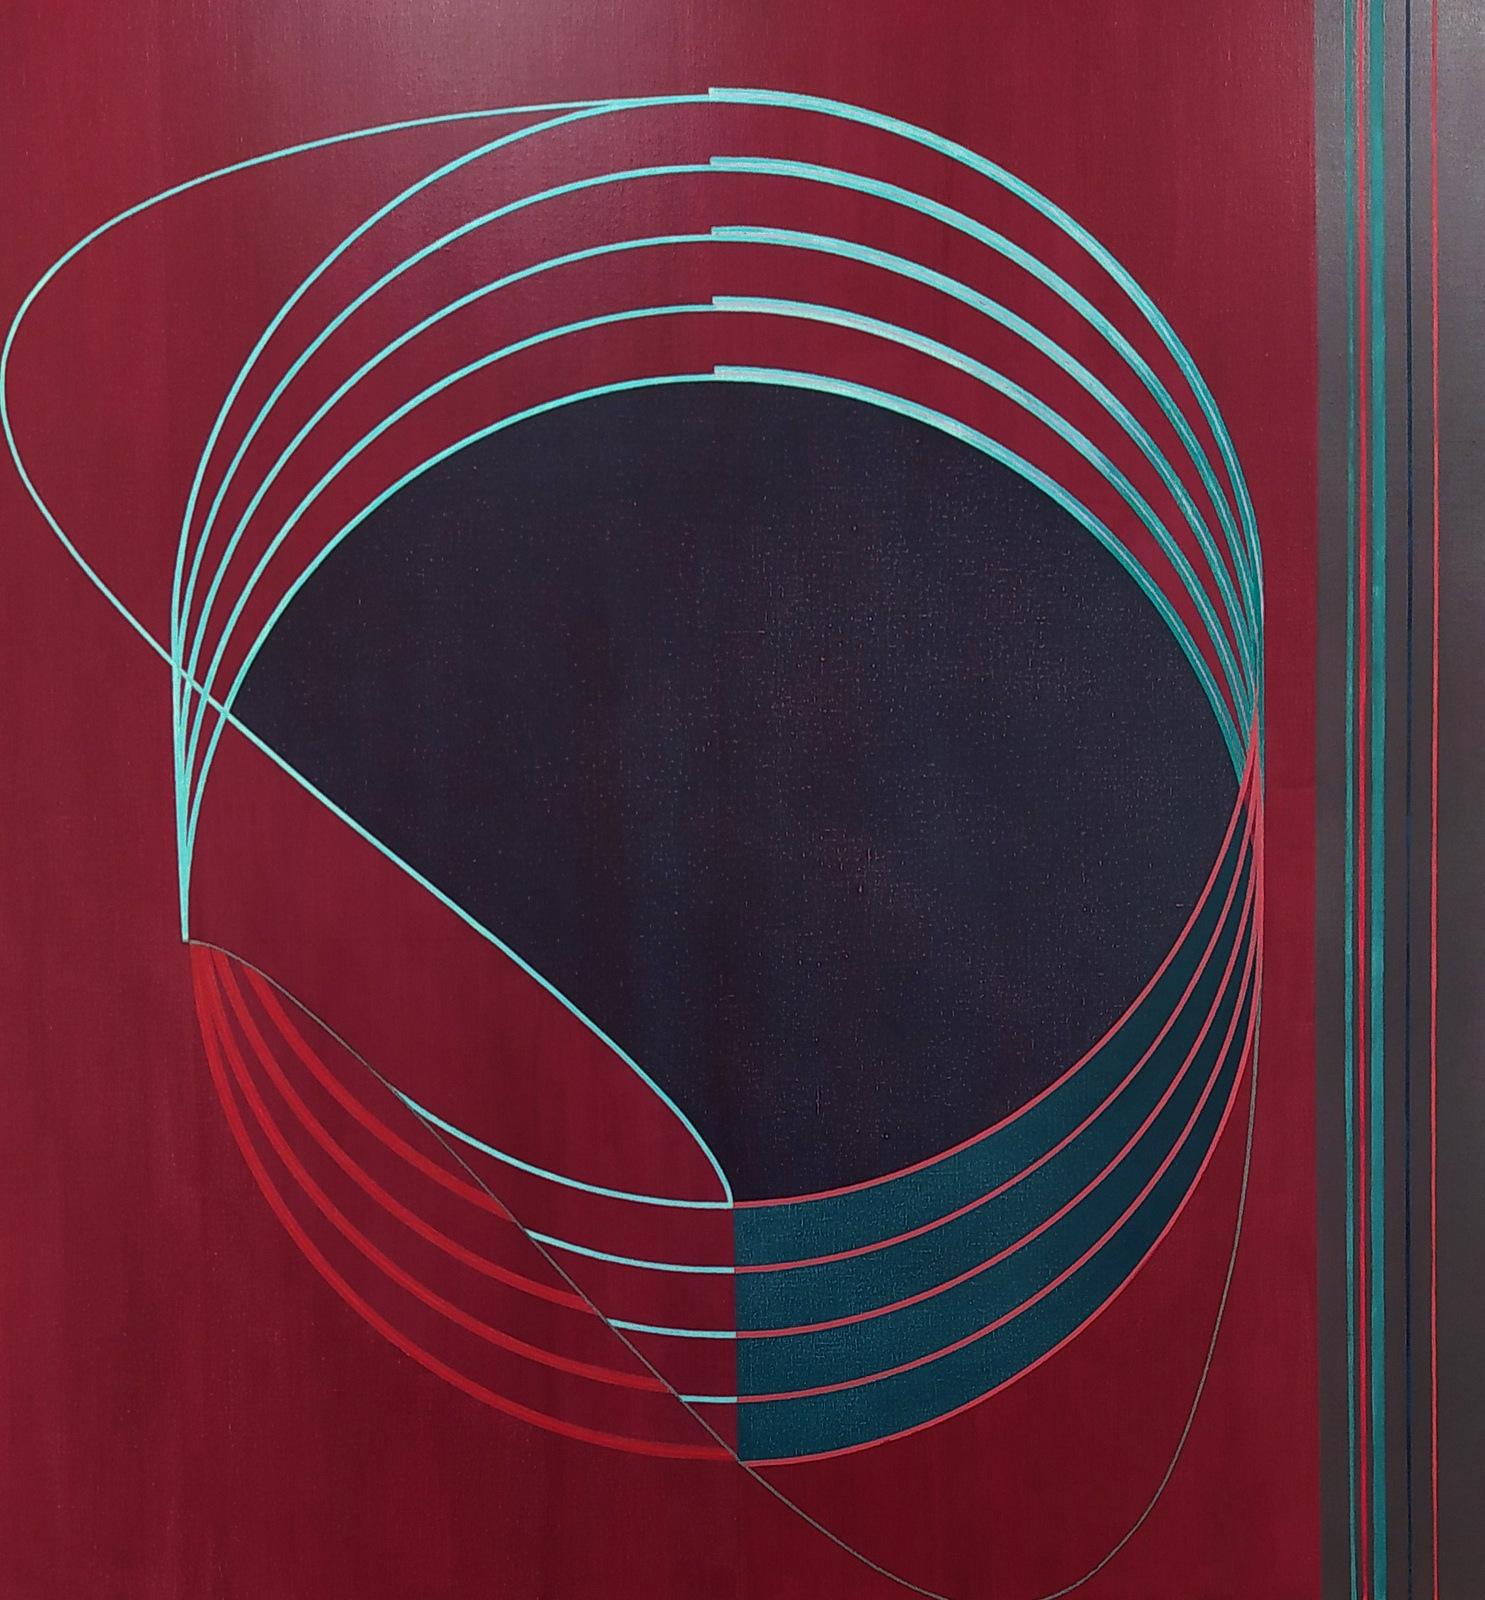 Compás. Acrílico y grafito sobre lino. 140 x 130